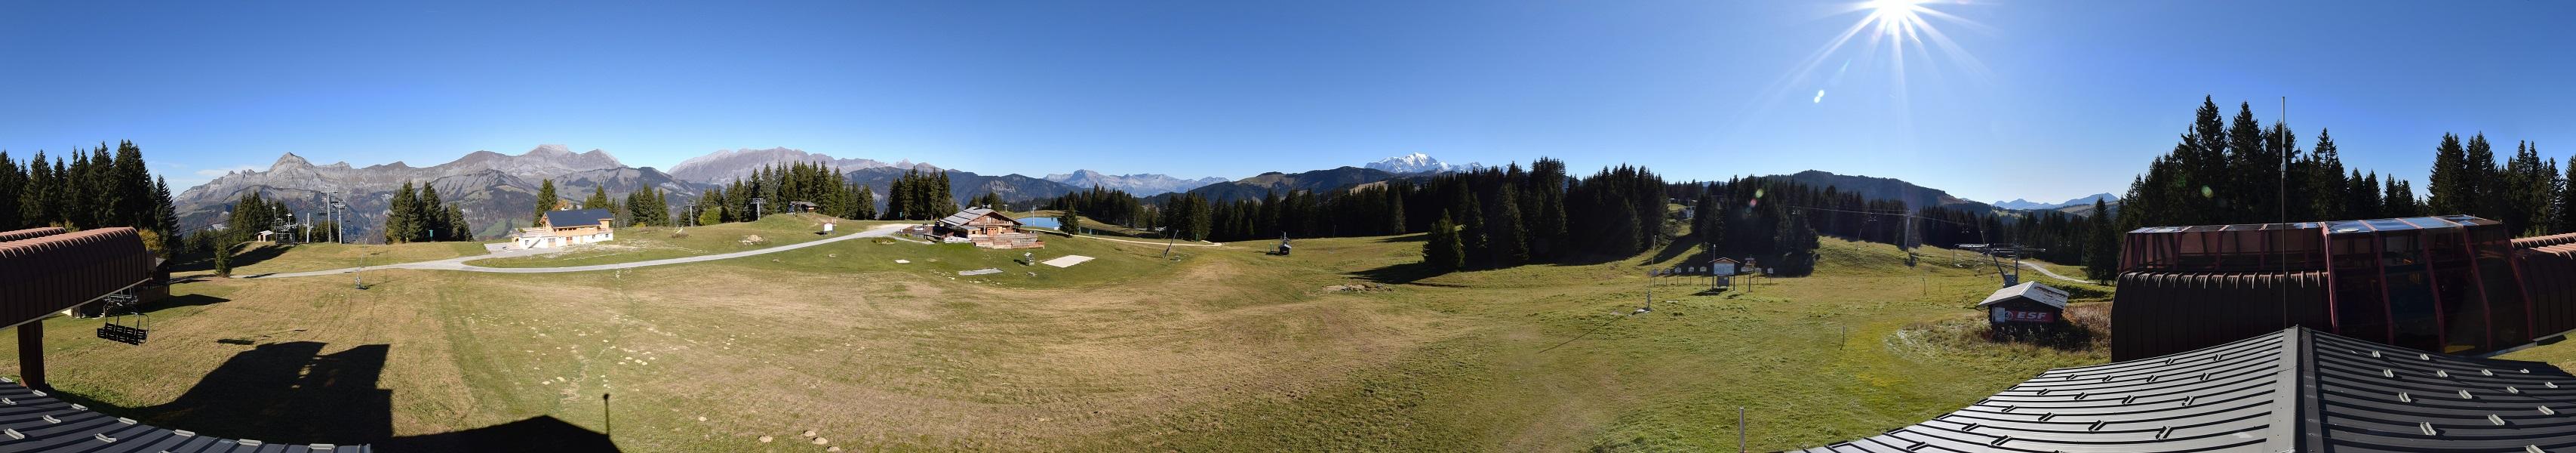 Nouvelle webcam 360° de grande qualité au sommet du Lachat à Crest-Voland